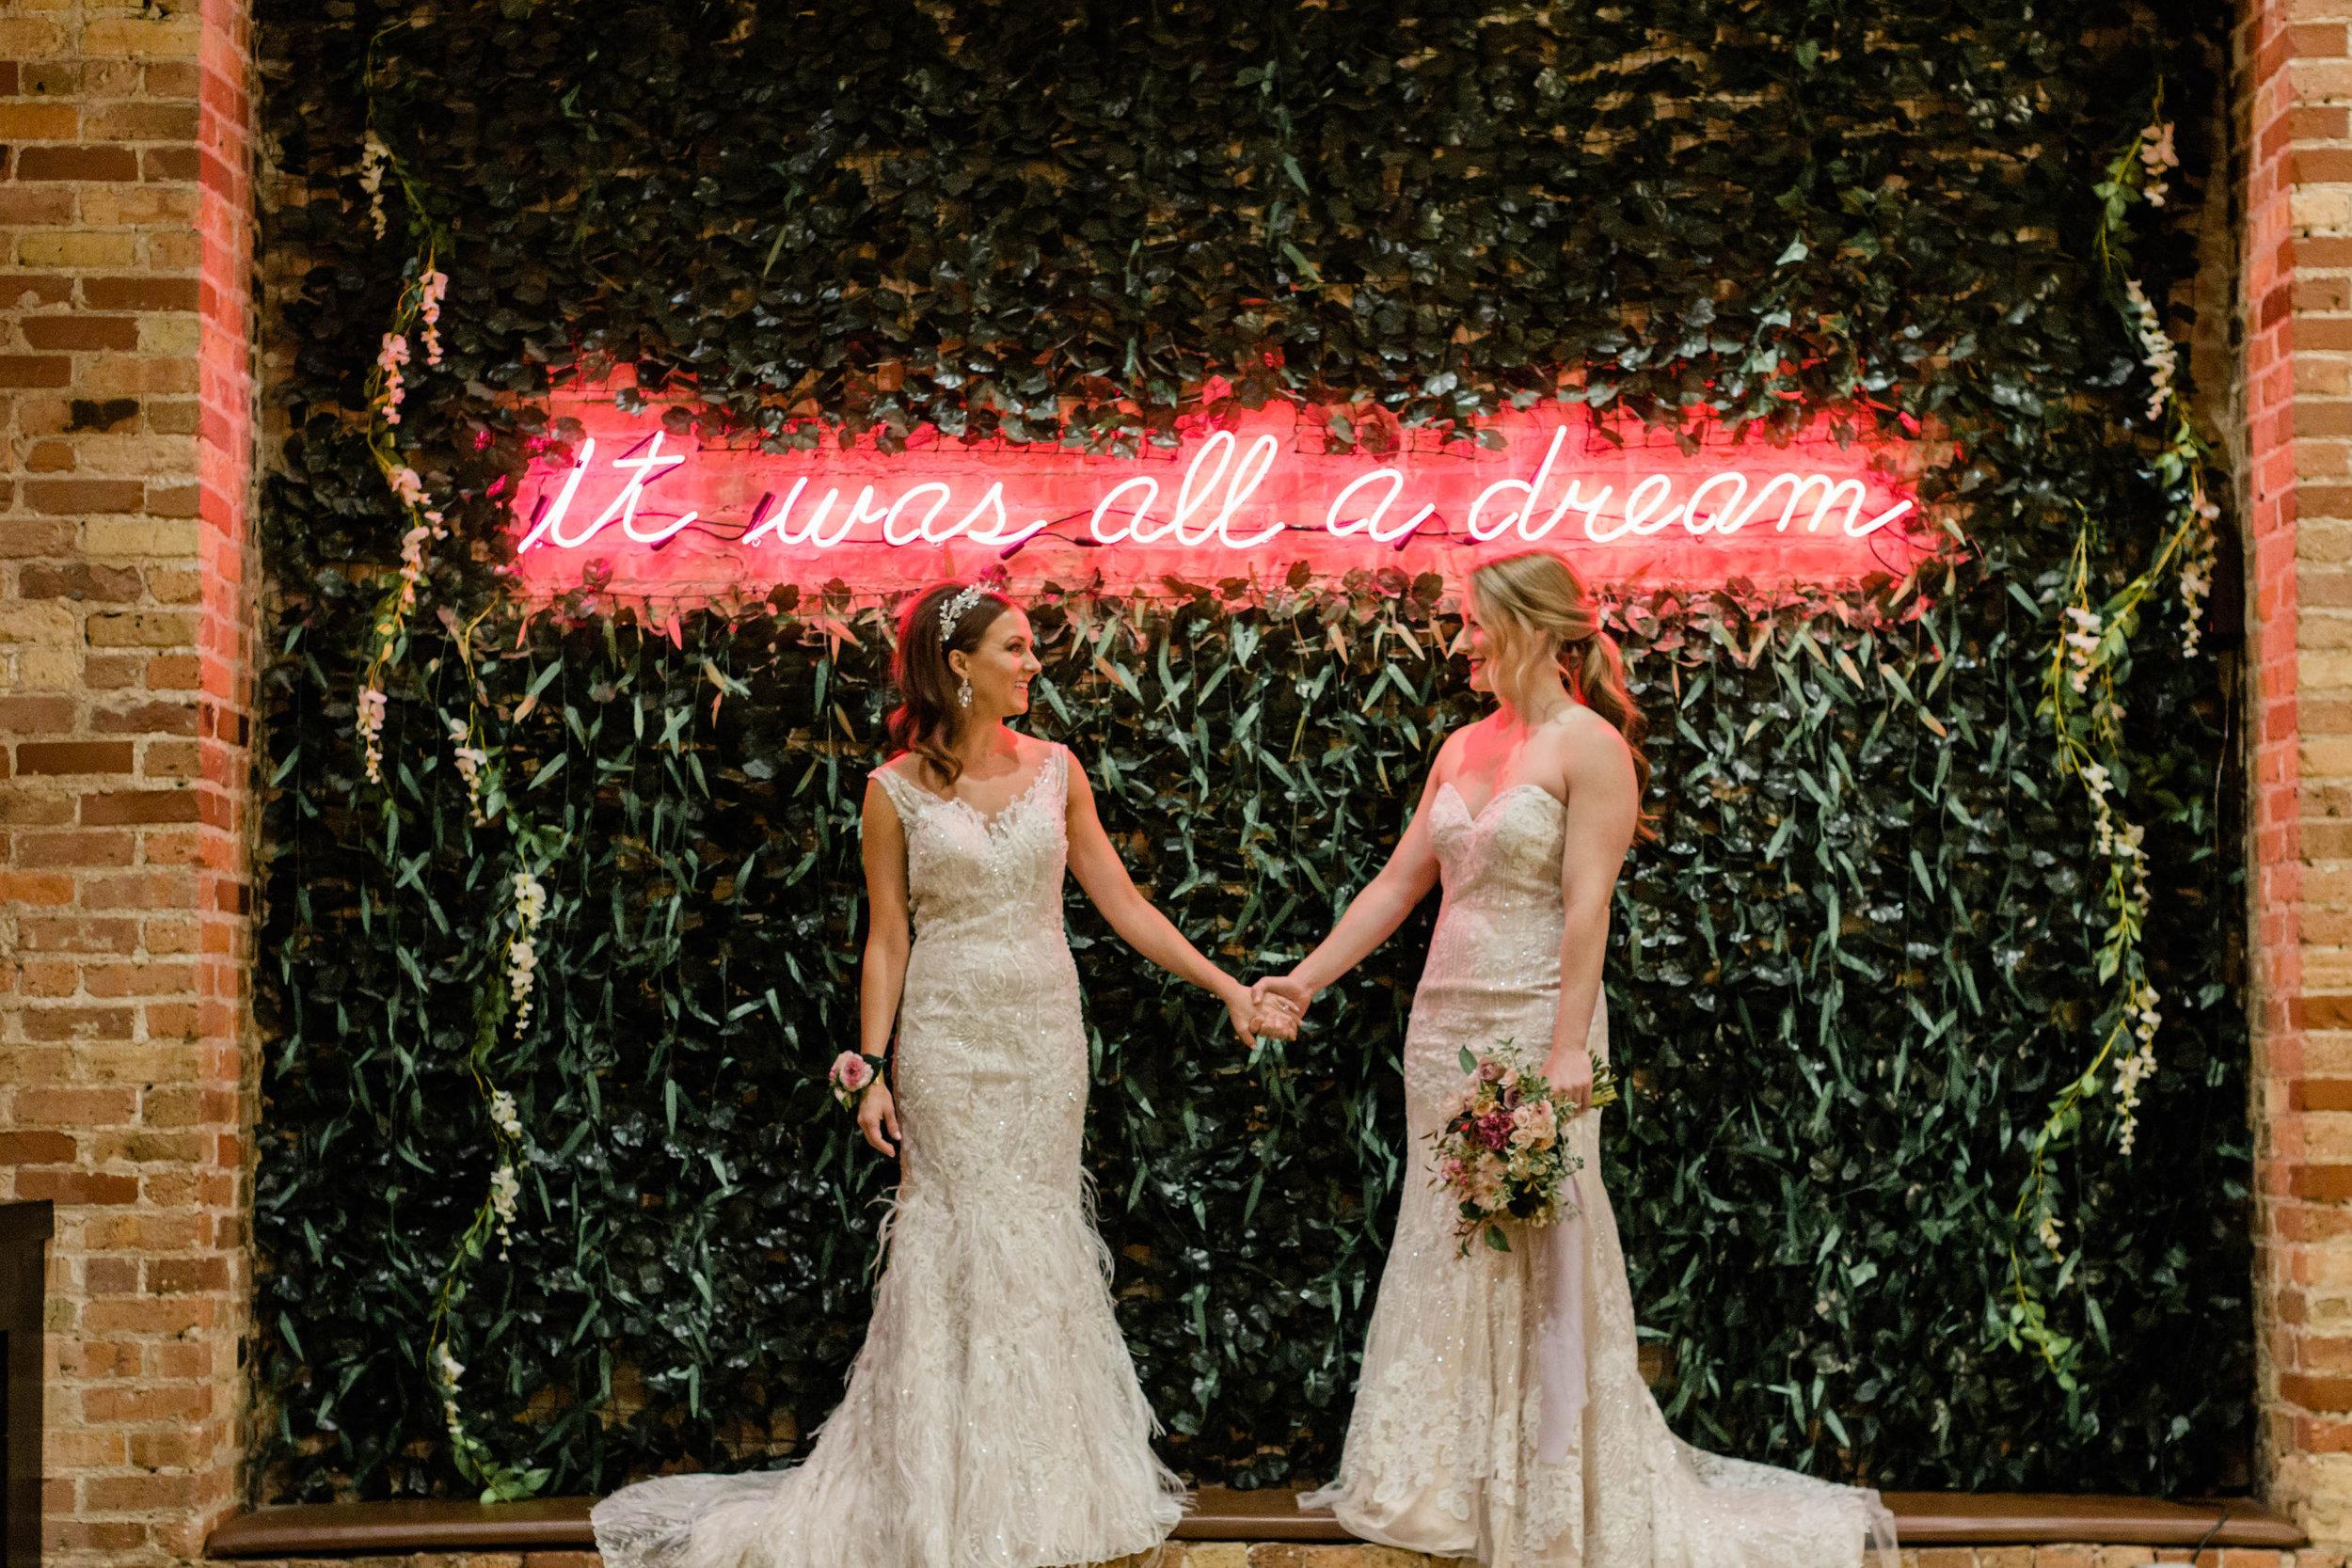 LGBTQ Chicago Wedding Photography by Lauryn